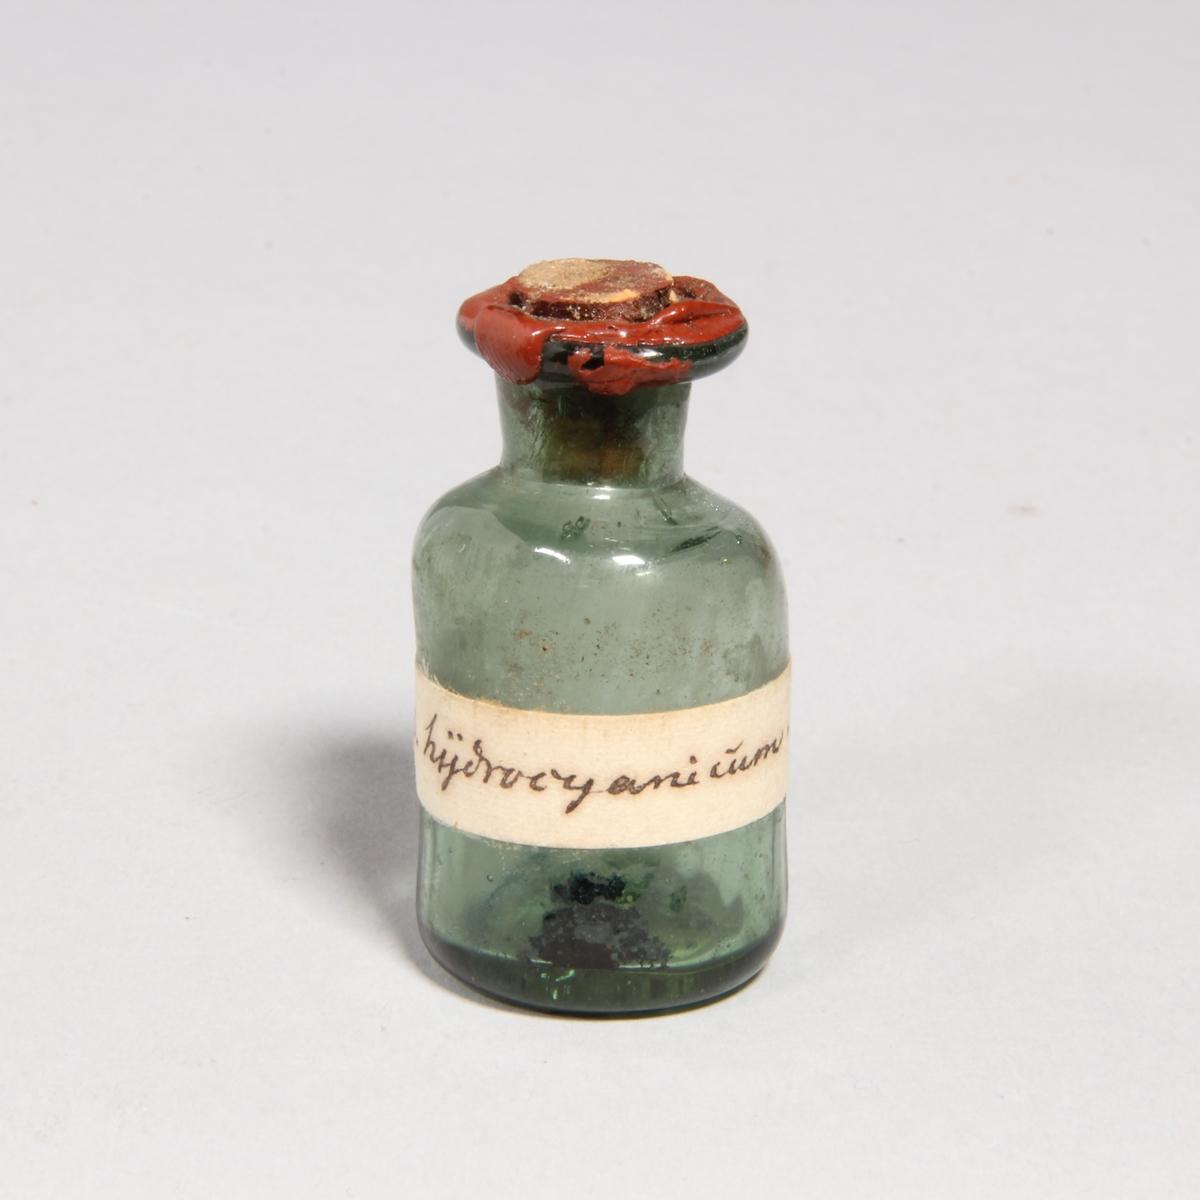 Flaskor, 10 st, av grönt glas med proppar av kork förseglade med rött lack. Står i pappask med lock klädd med marmorerat papper. Flaskorna innehåller rester av cyanid.